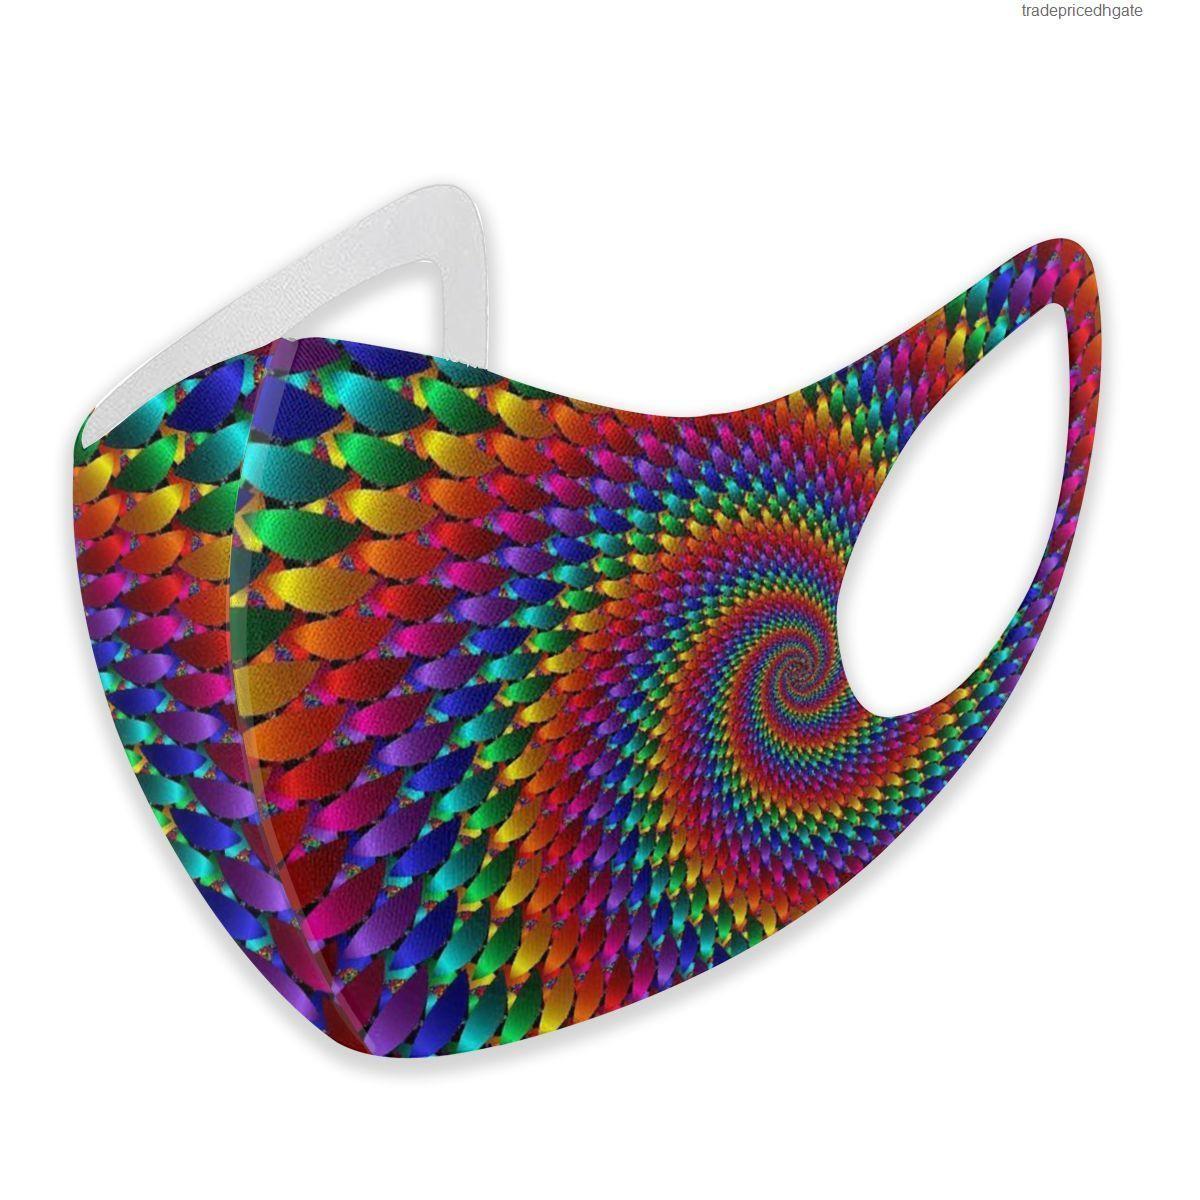 Ограничения The Dye Tie Supe Hippie Скупающаяся Маска для взрослых для взрослых детей Моющийся многоразовый анти загрязнение 1CF6P